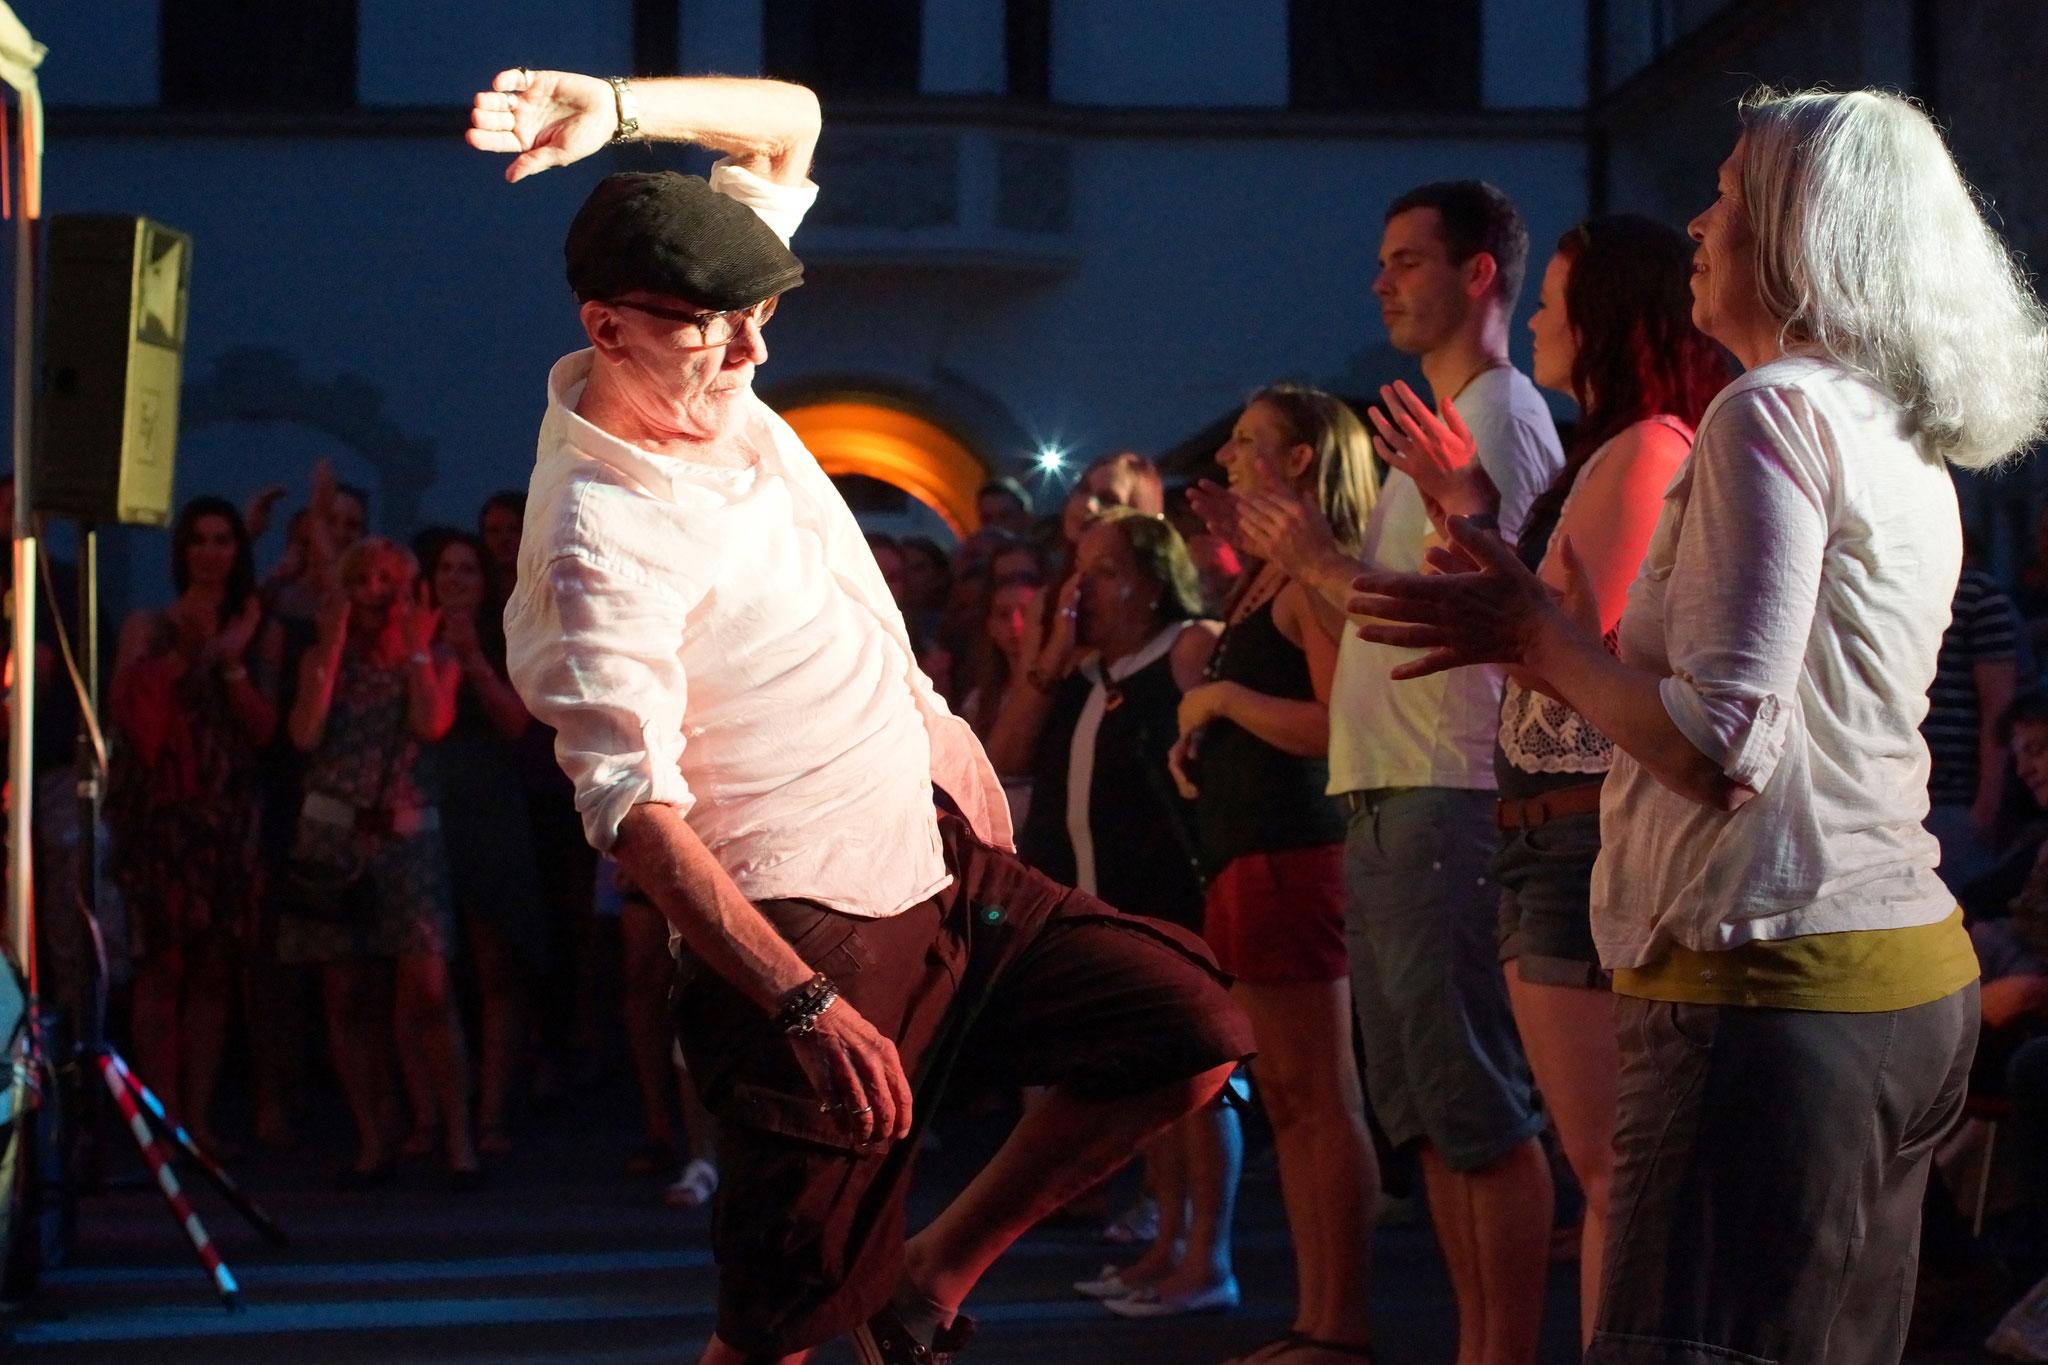 Konzerte im Bürgerhof 03.07.15 - Freiwilligen-Zentrum Augsburg - Foto: Crayfish